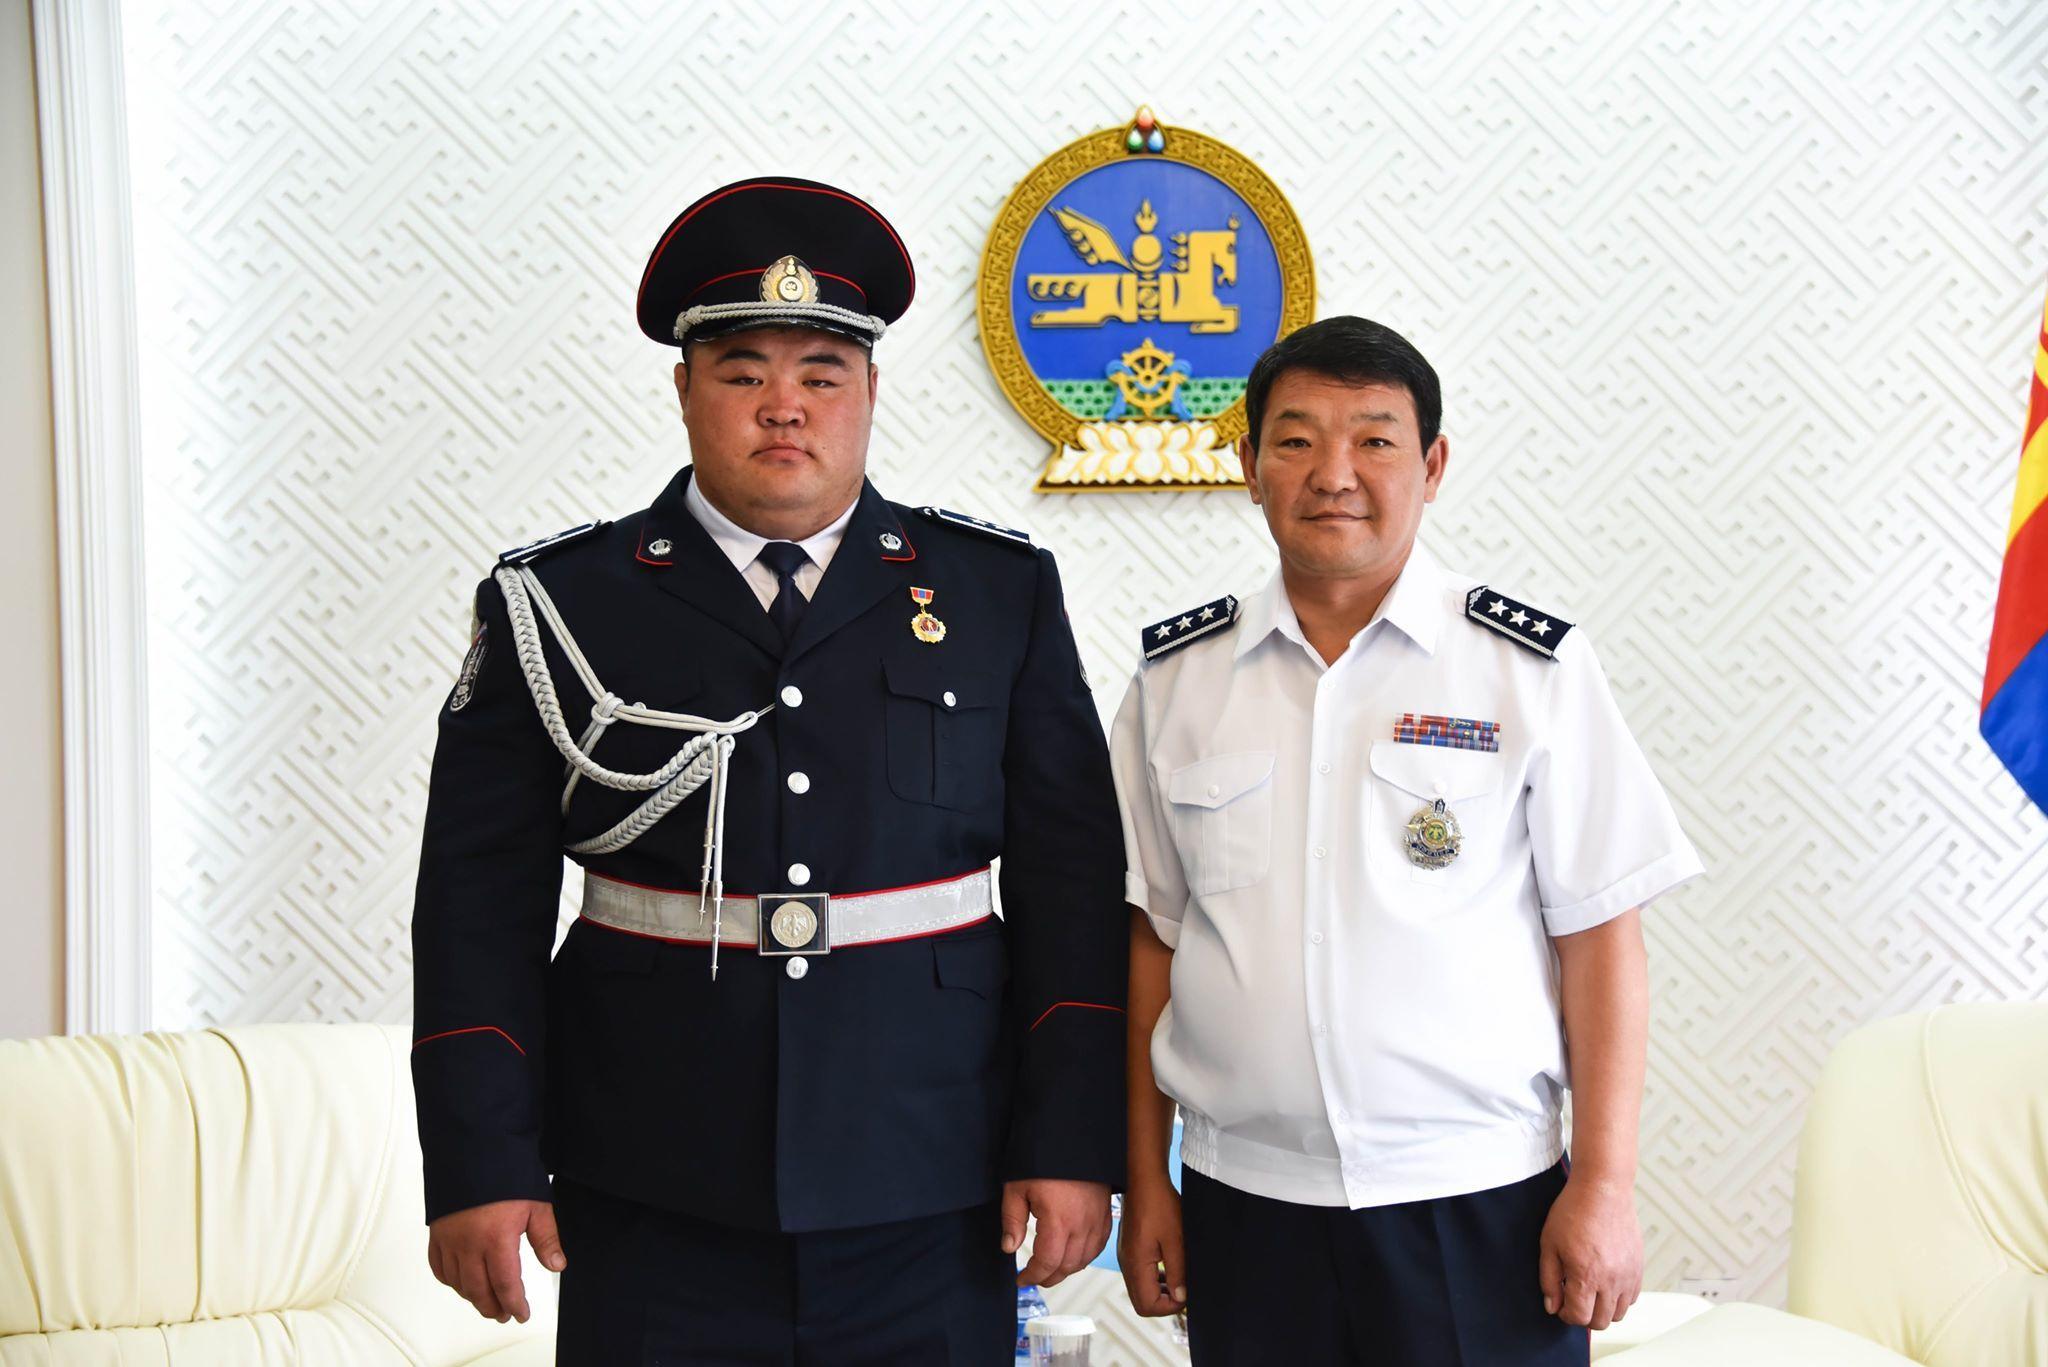 Монгол улсын аварга, цагдаагийн дэд хурандаа Э.Оюунболдод  Цагдаагийн ерөнхий газрын удирдлагууд хүндэтгэл үзүүллээ